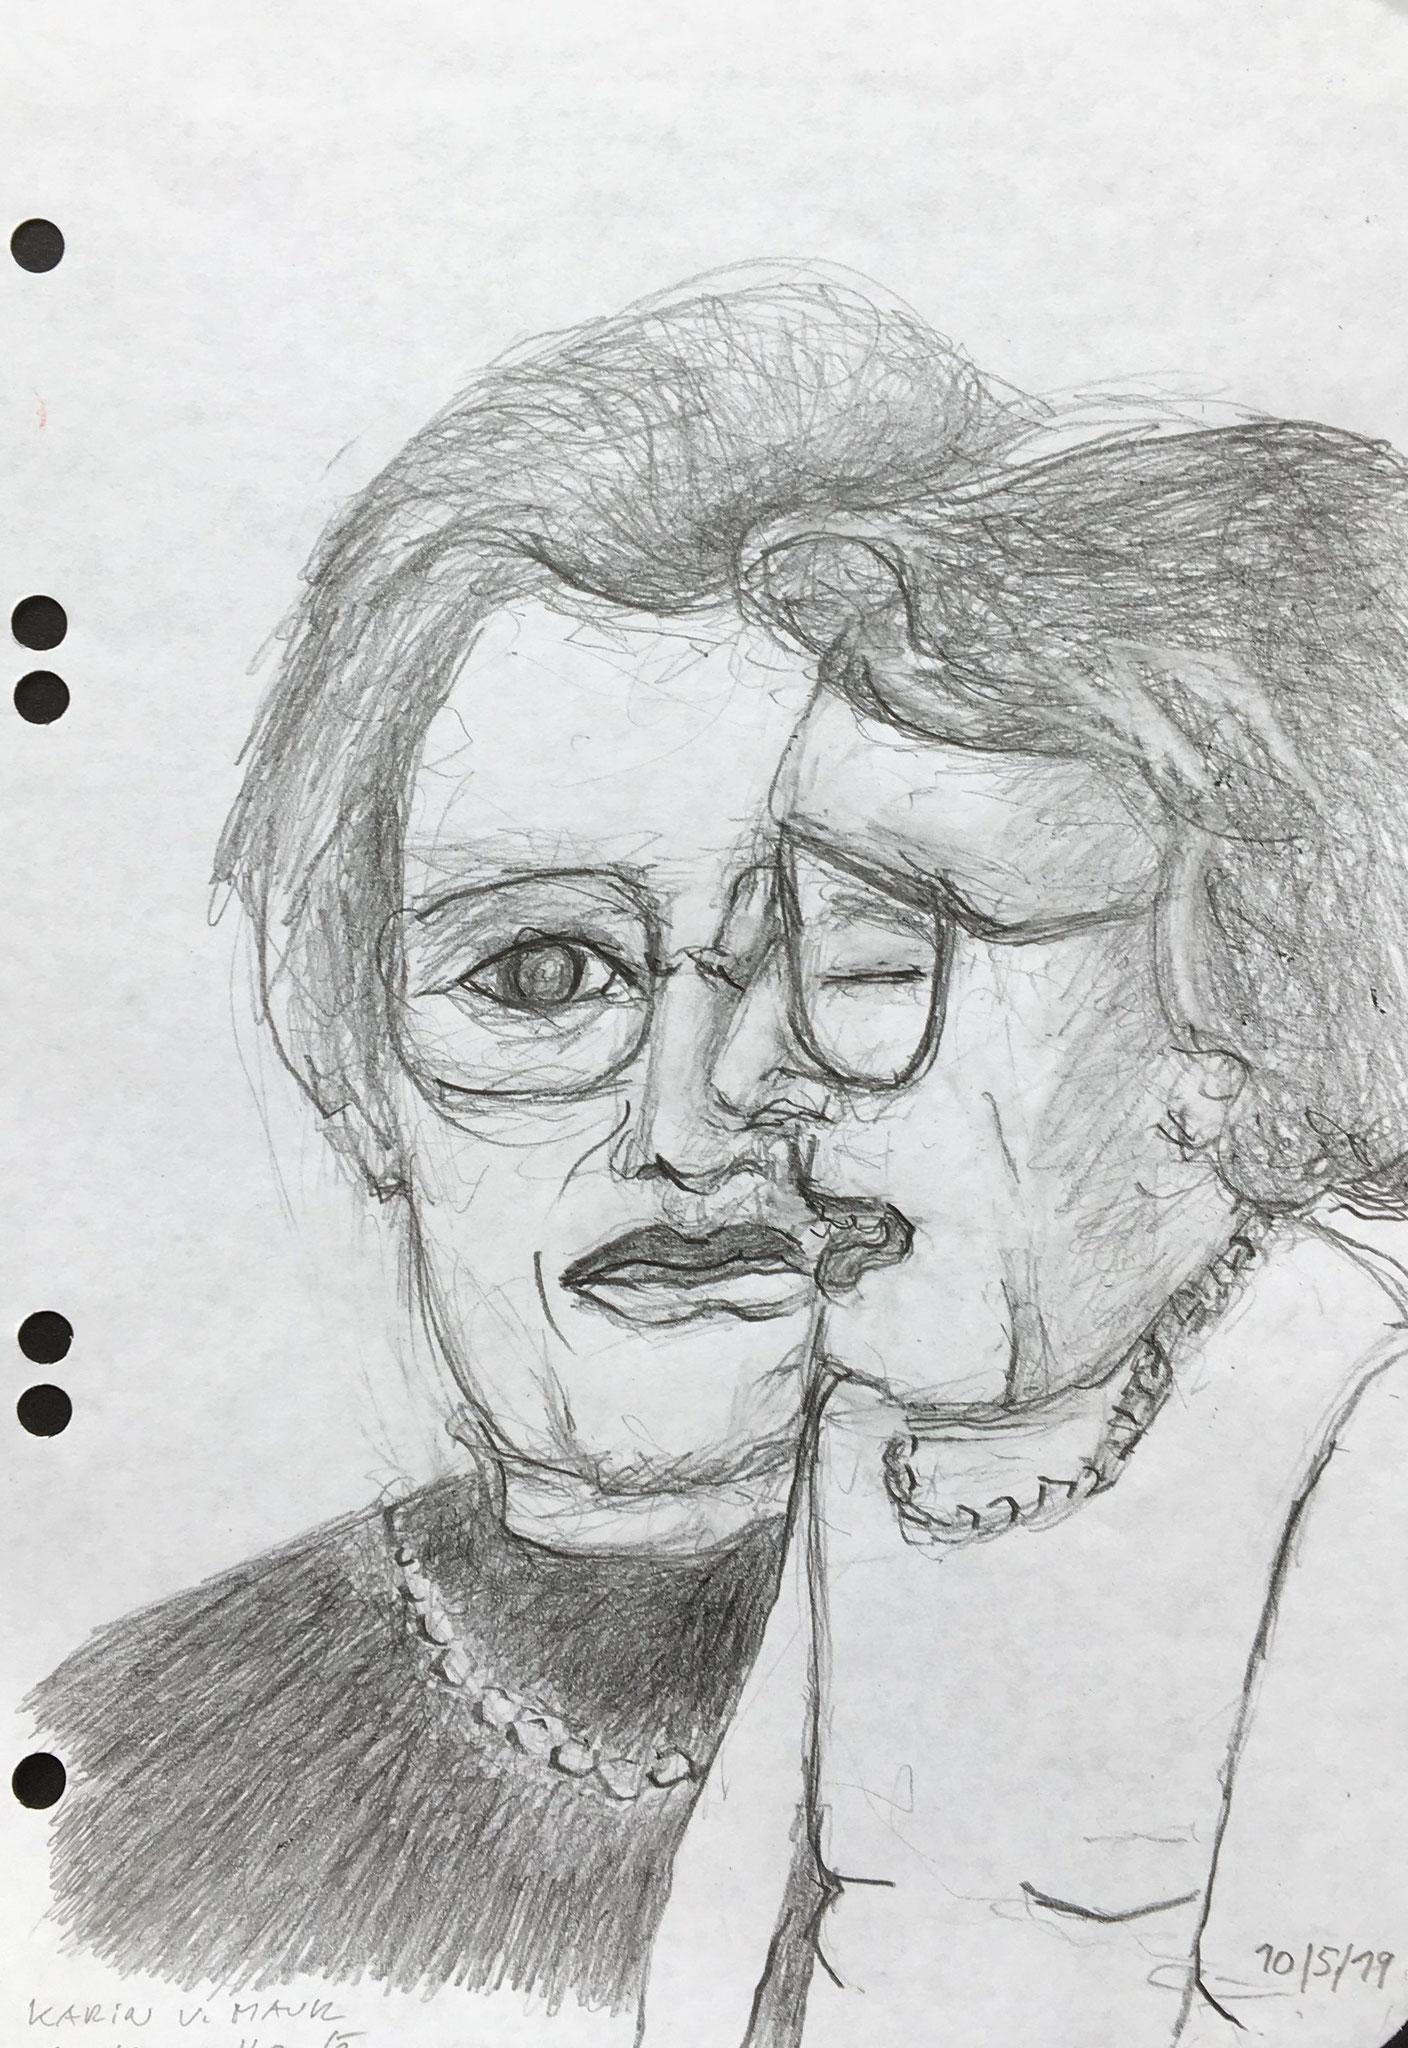 Zeitsprung (Karin von Maur), 2019, Zeichnung, 21 x 15 cm (#1024)